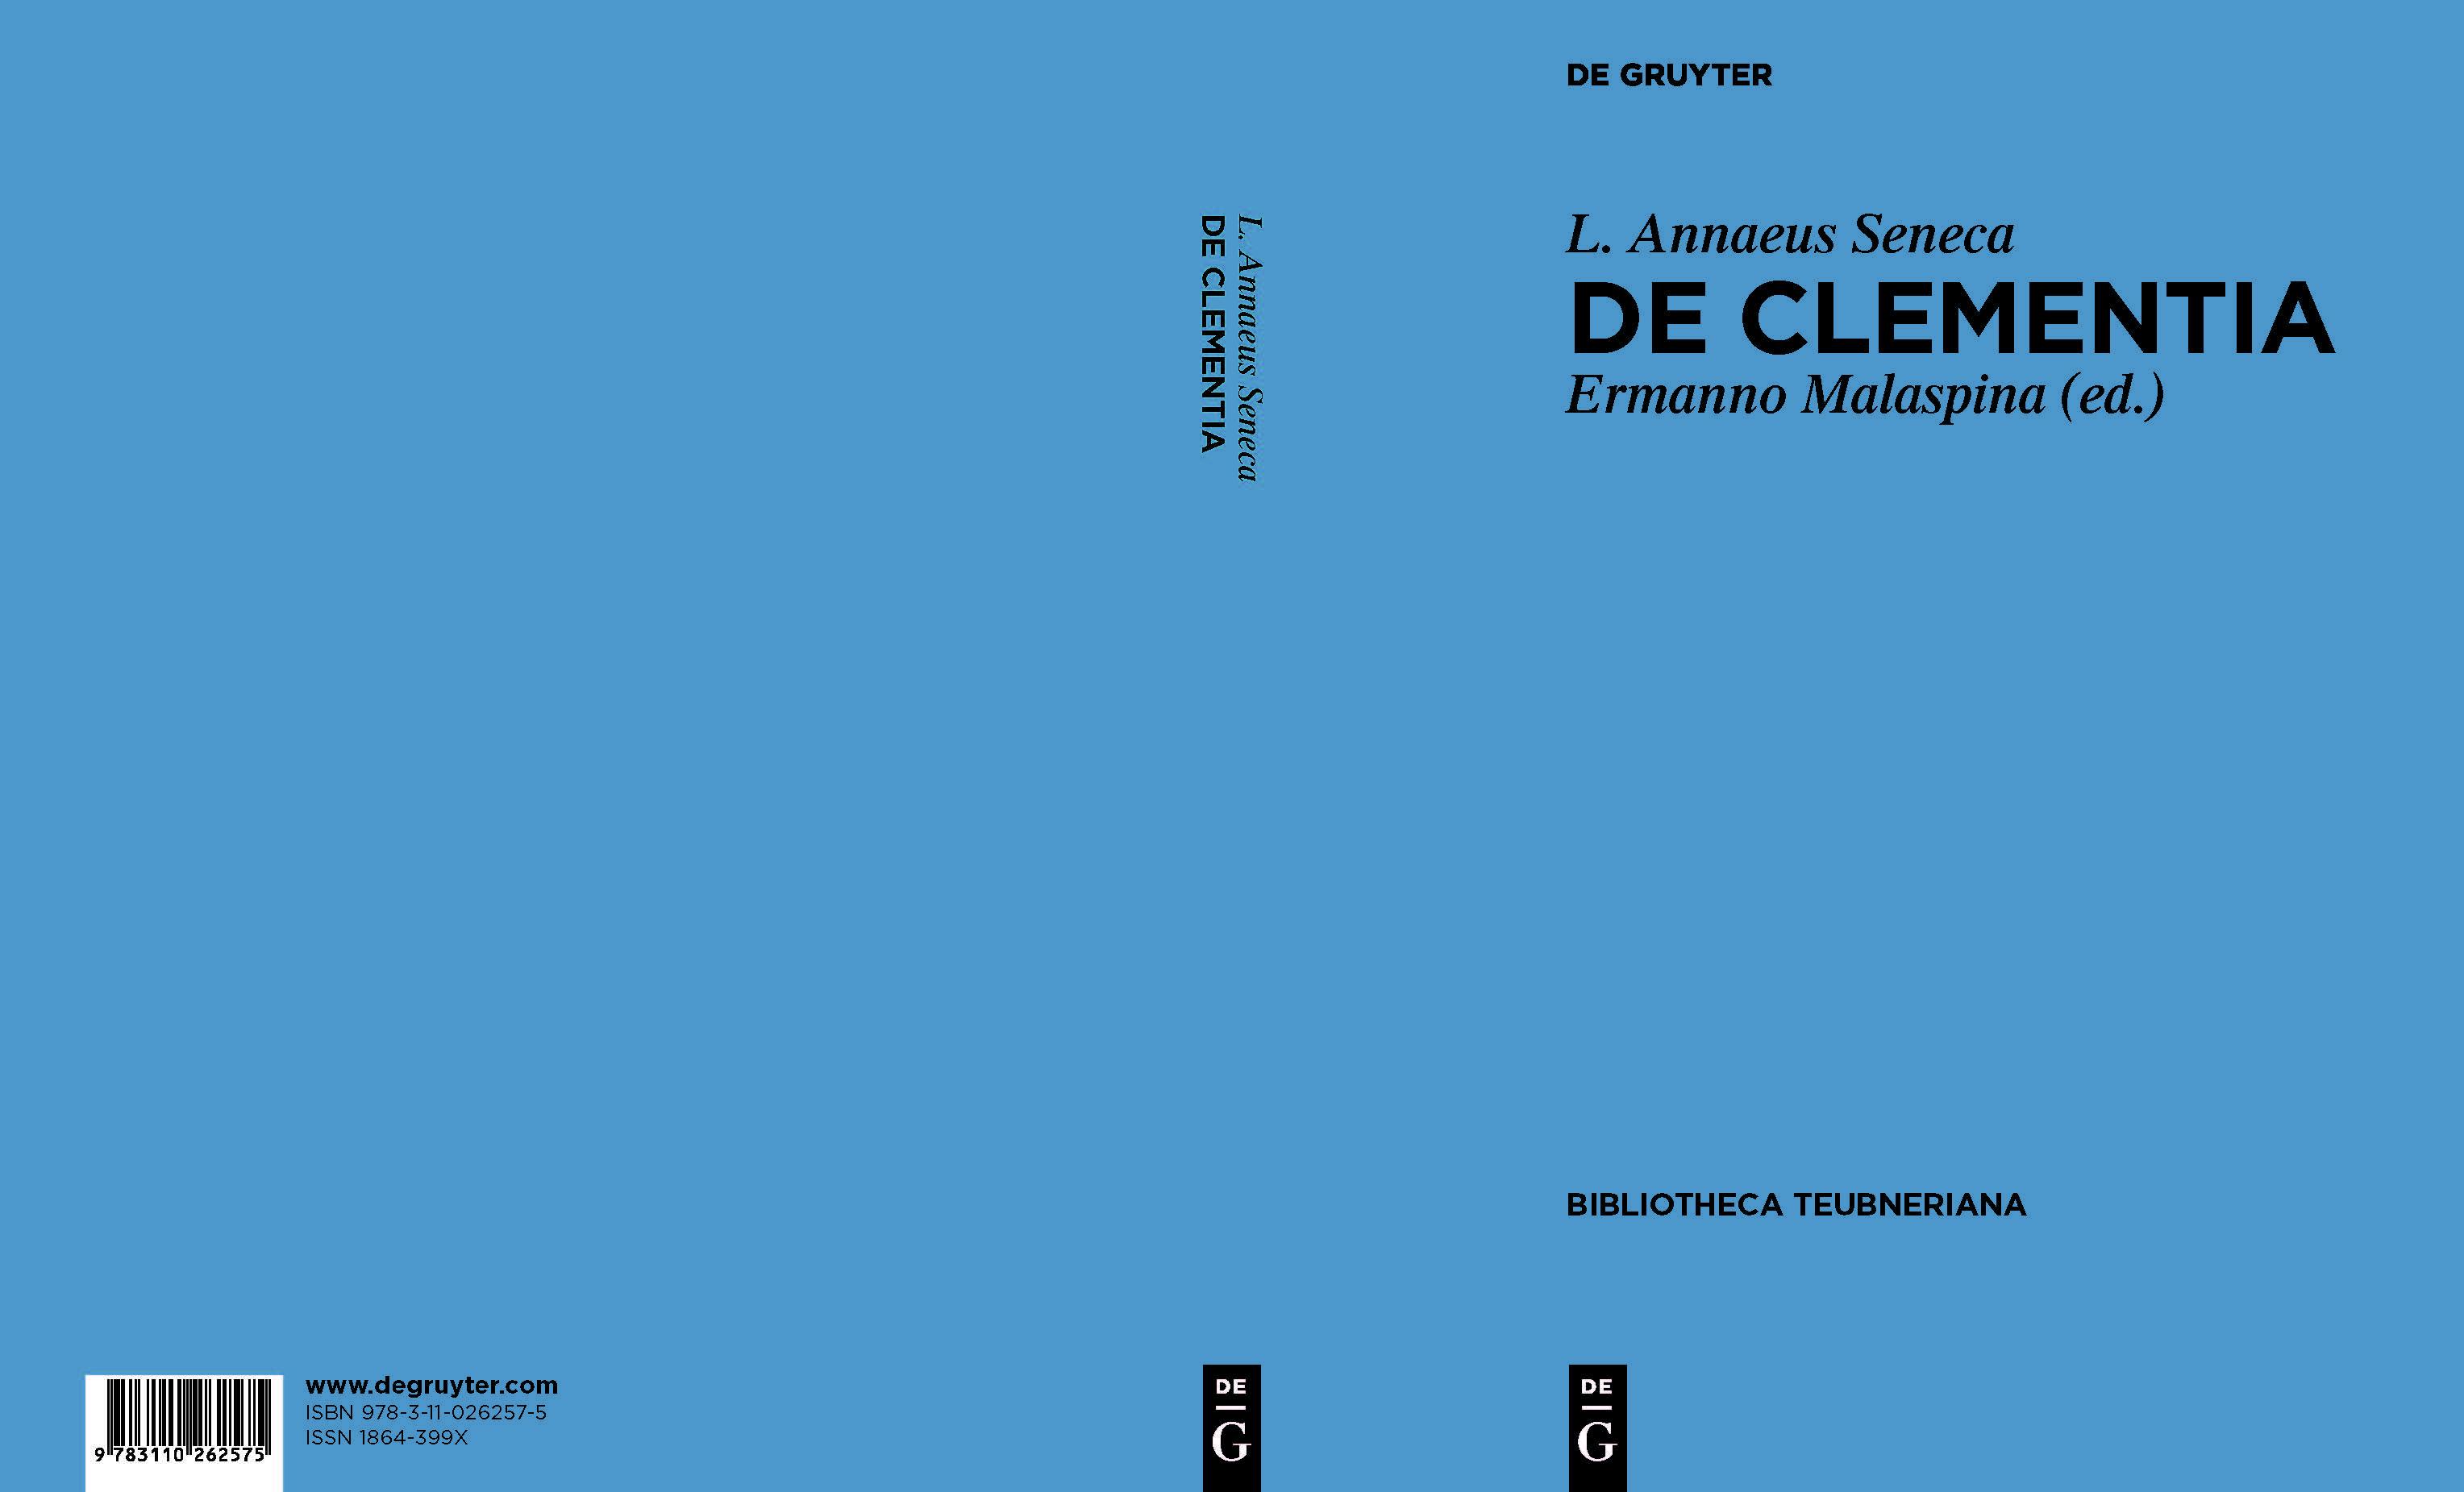 l._annaevs_seneca_de_clementia_libri_dvo.jpg